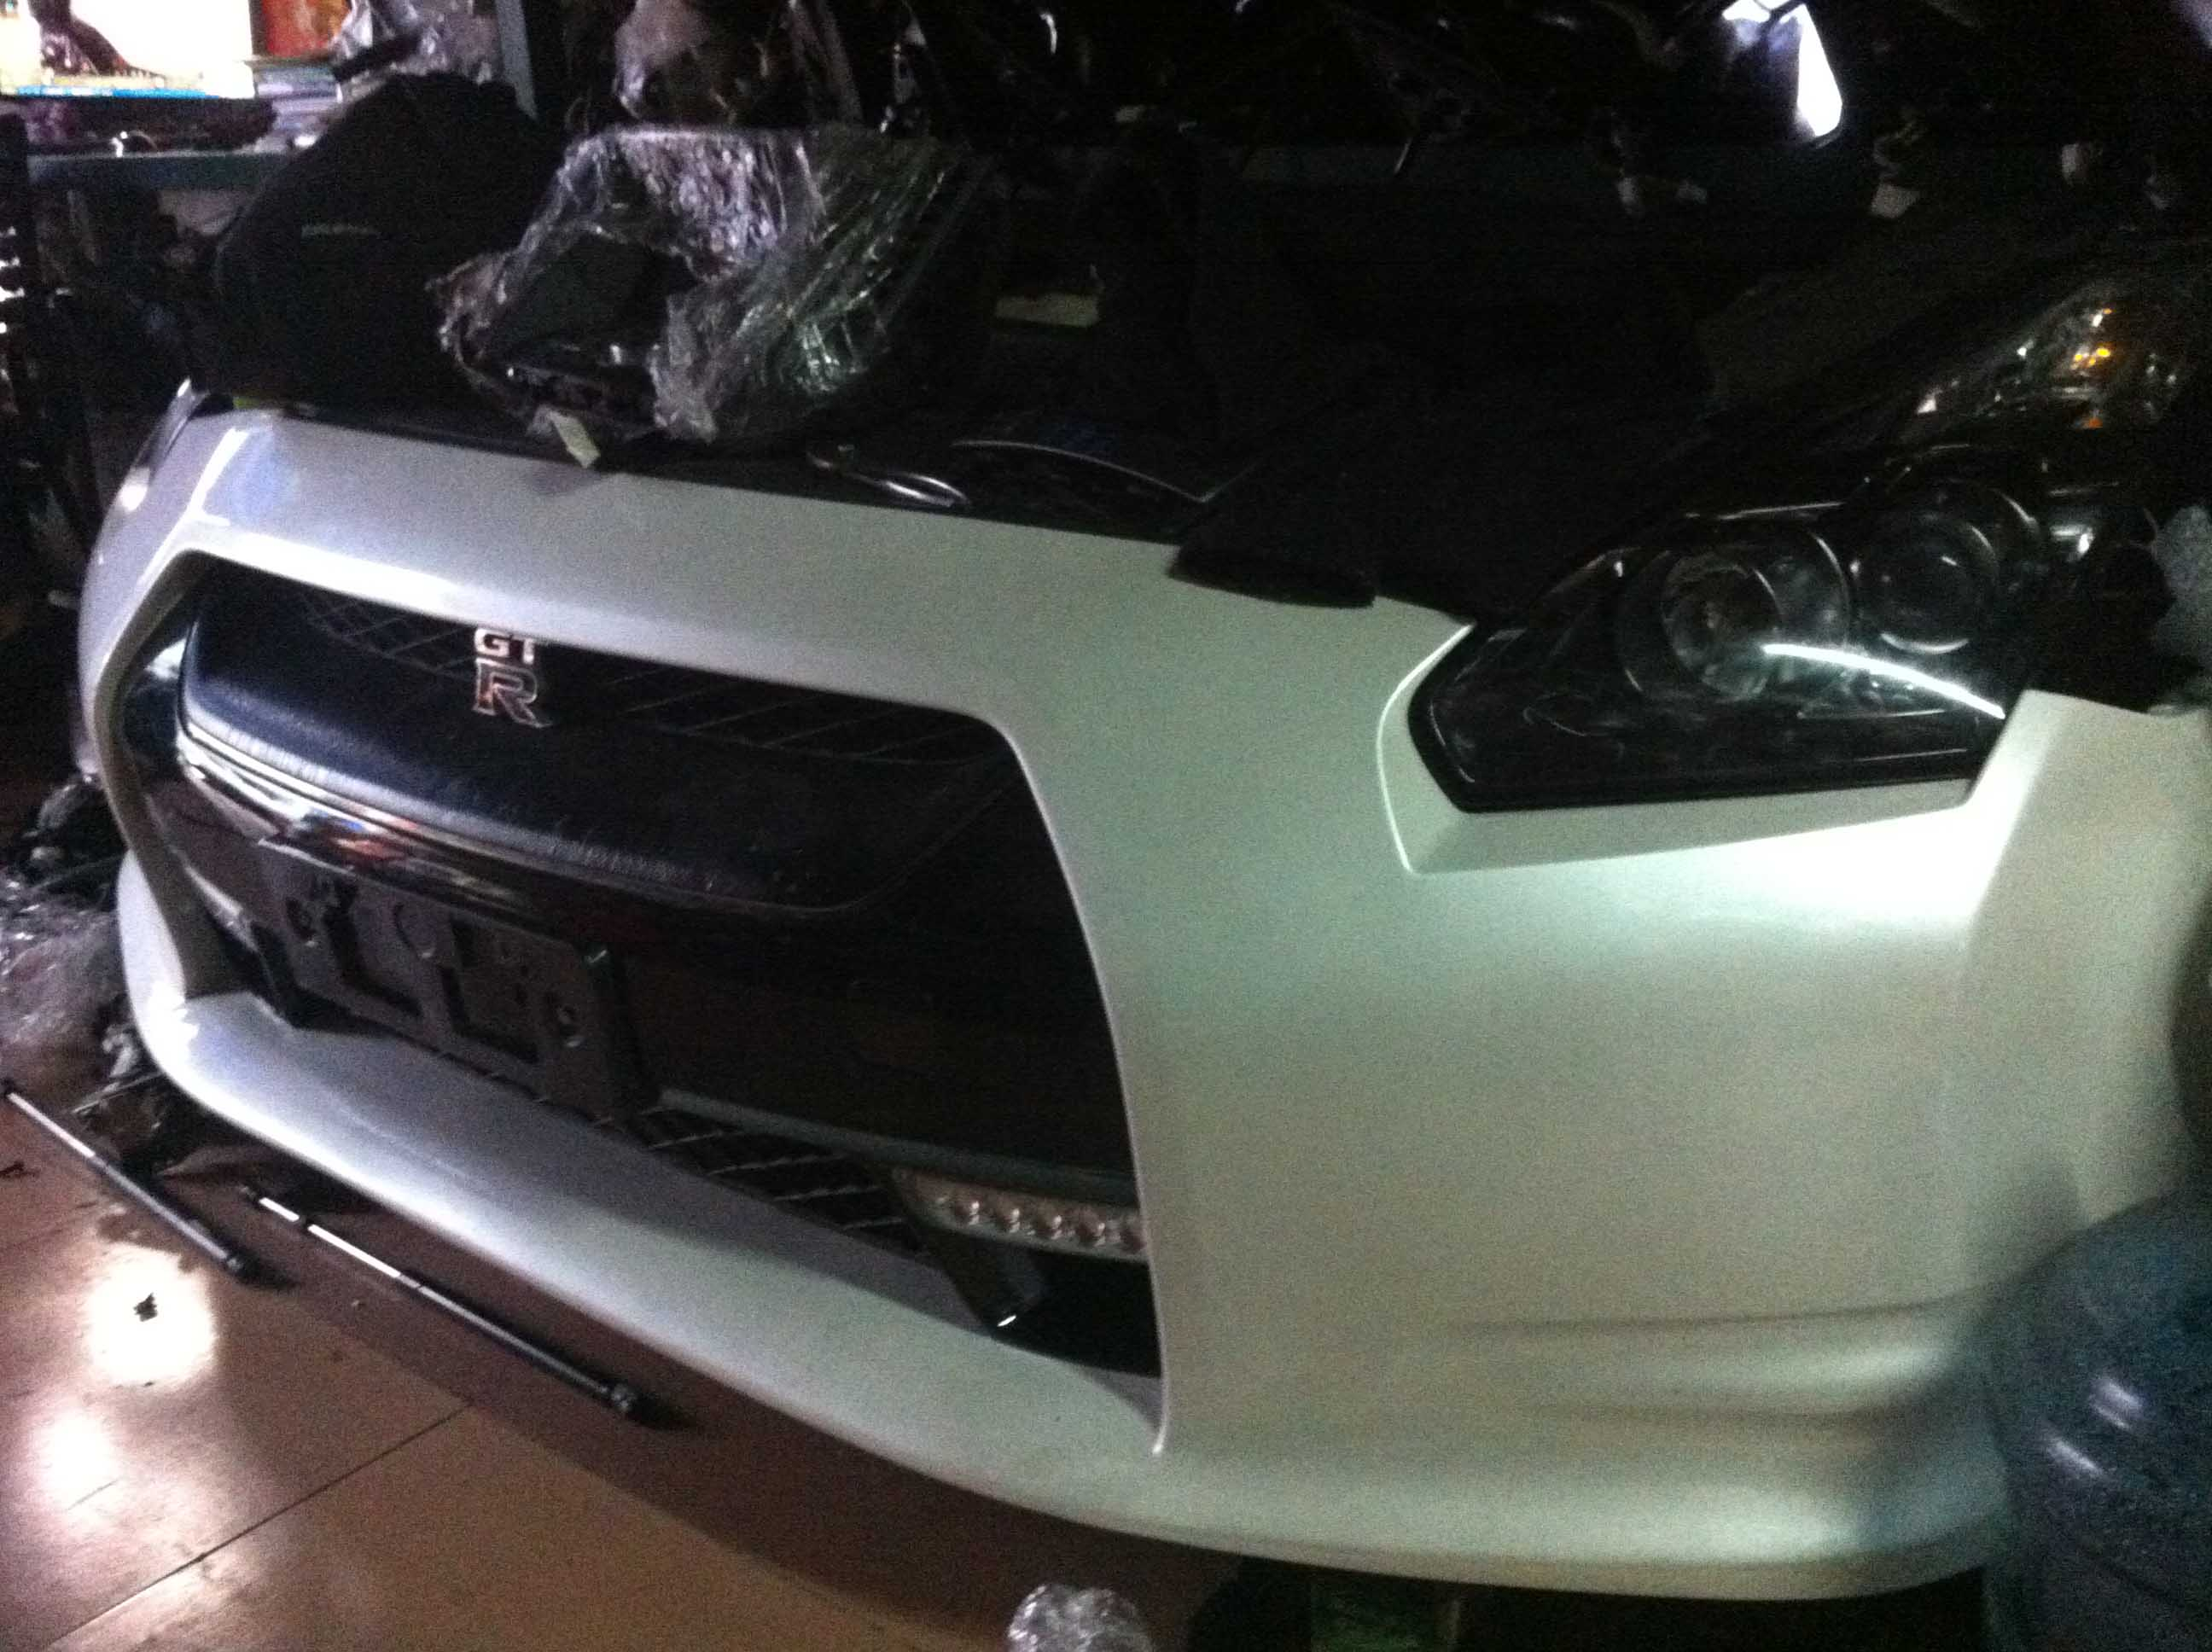 广州经德汽配-可靠的GTR汽车零件配件供应商|GTR前嘴配件多少钱